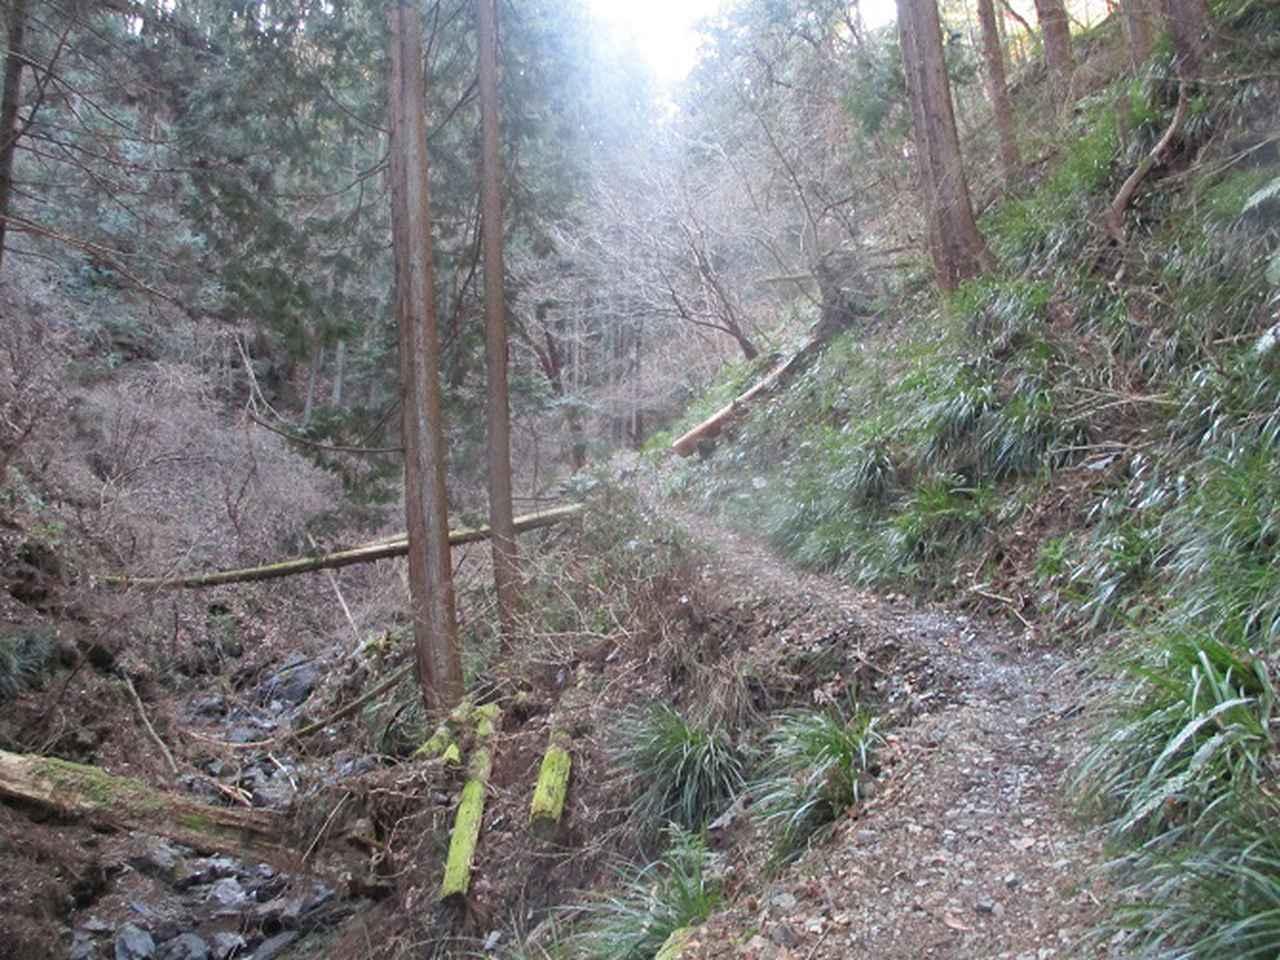 画像3: 3月の山旅会 秩父・破風山 の下見に行ってきました!